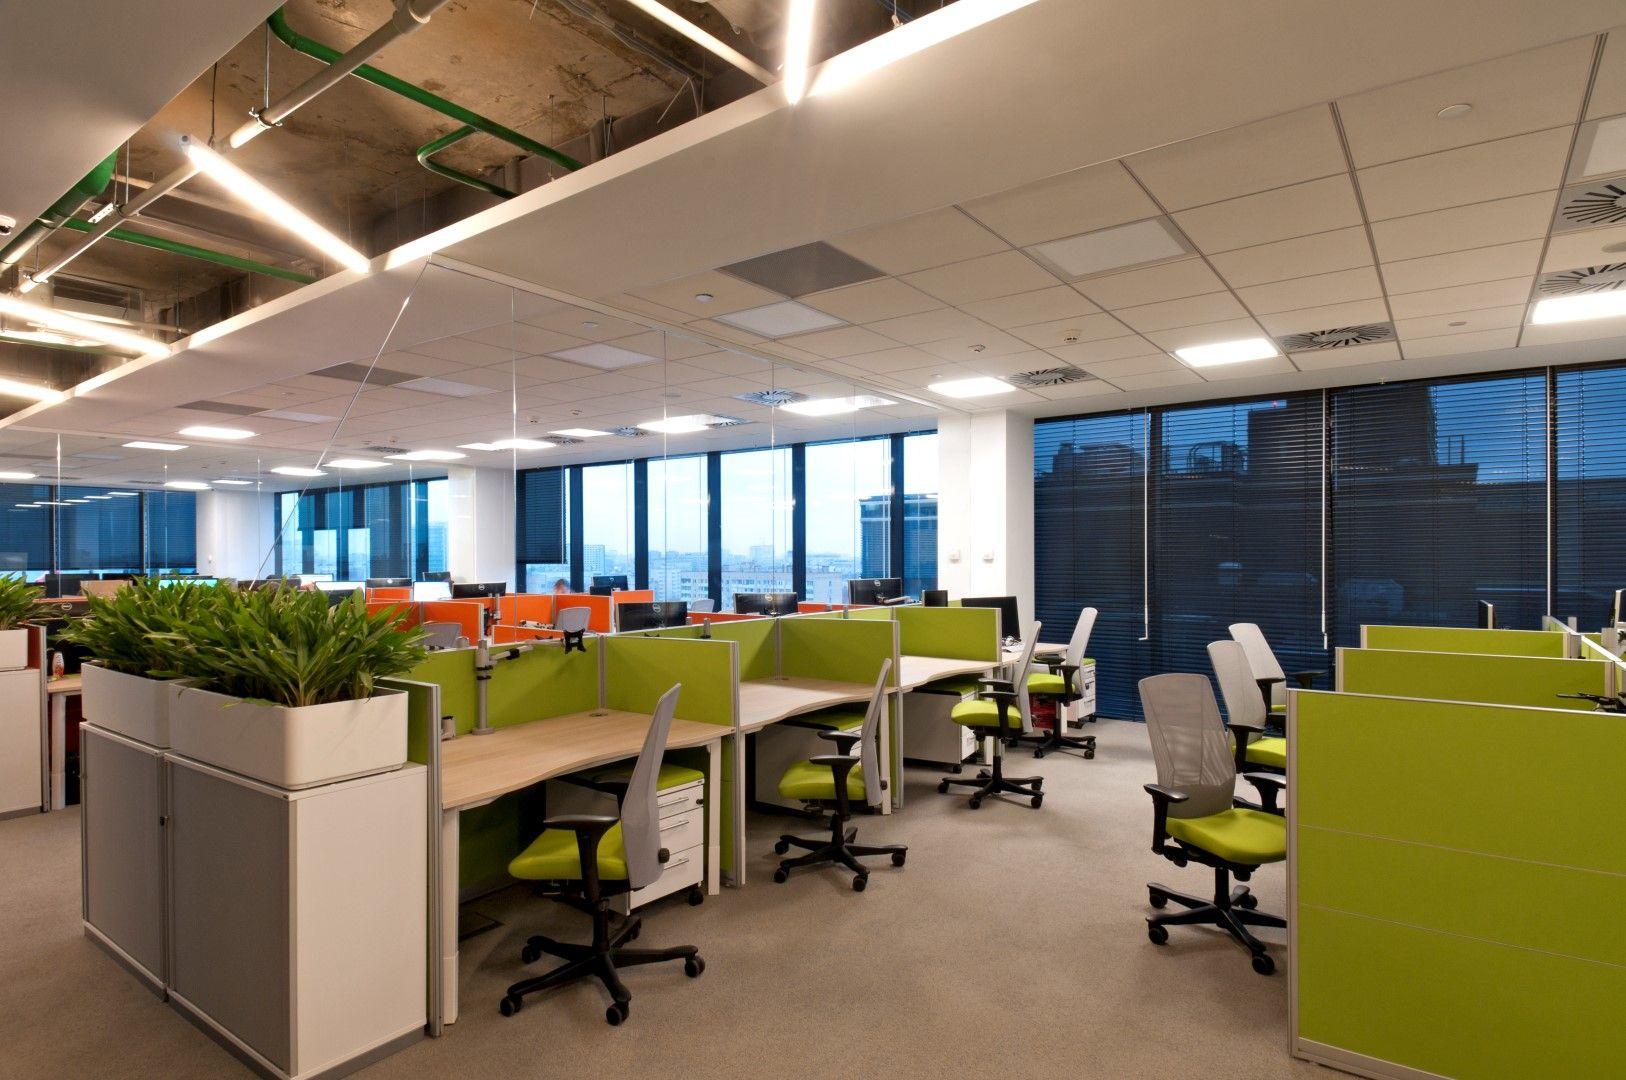 Bureau Meuble Avito : Avito office moscow interior design avito office phase i